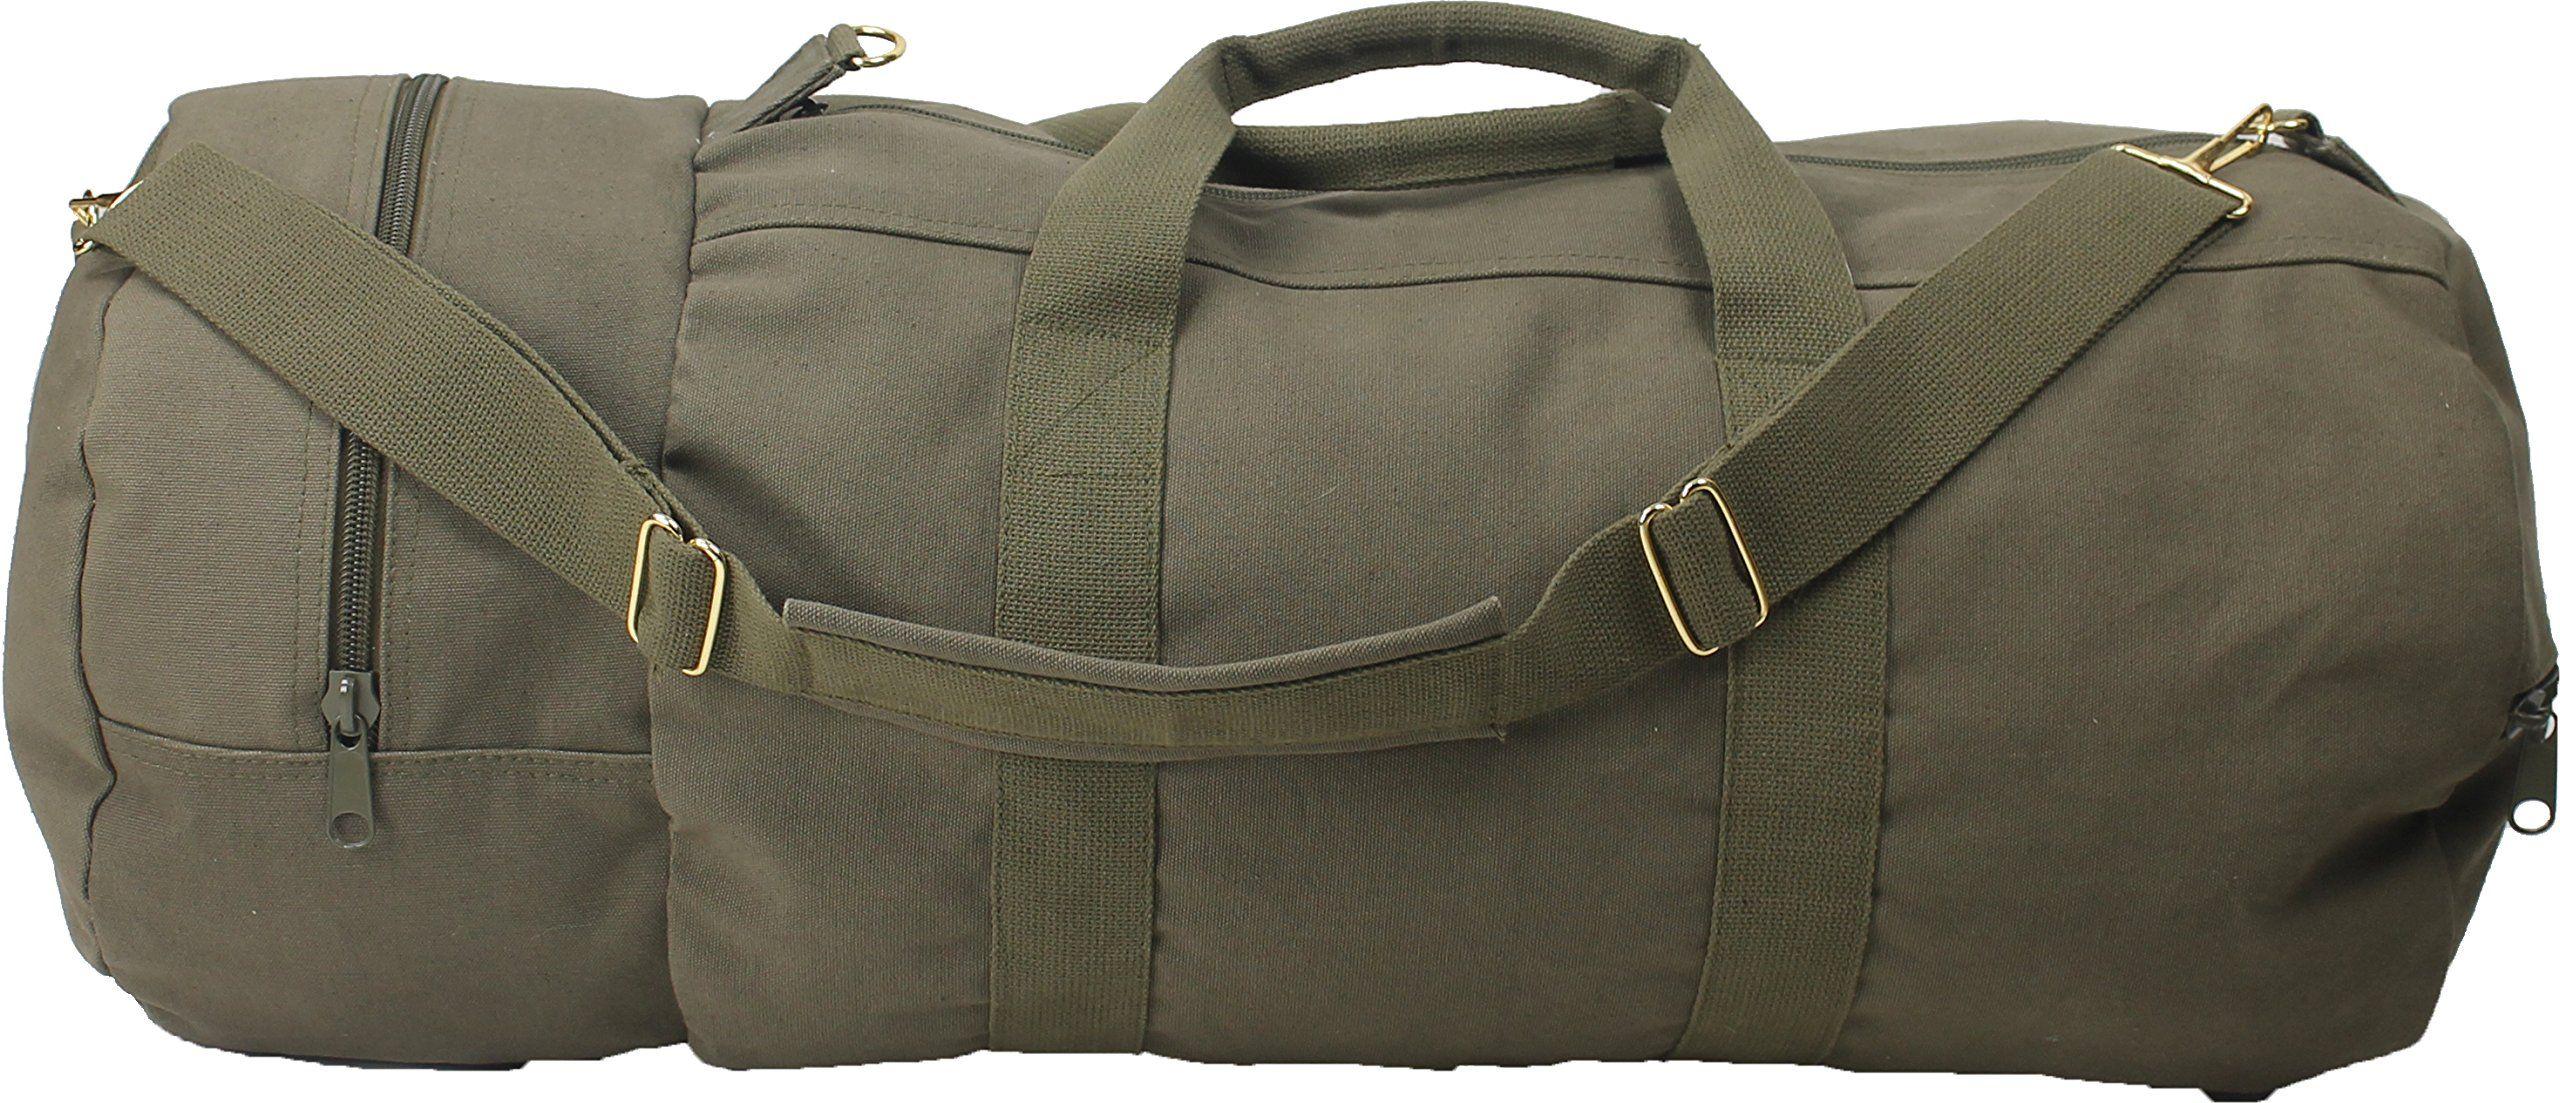 Cotton Canvas Large Shoulder Duffle Bag 395a3068b1f